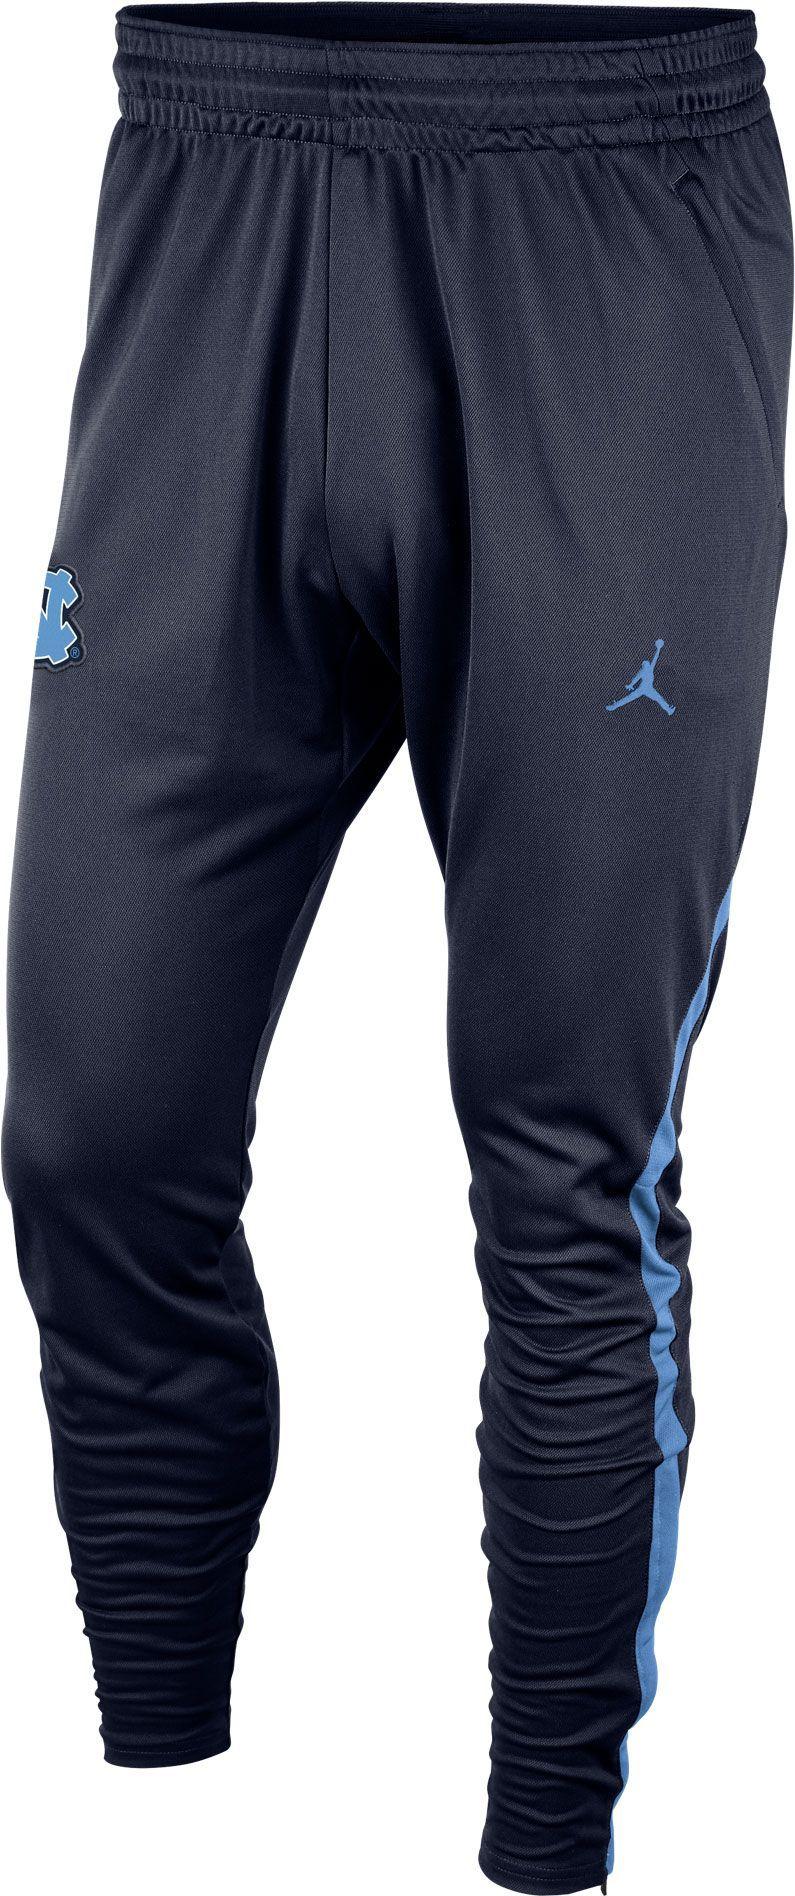 a0bf5c11faaa19 Jordan Men s North Carolina Tar Heels Navy Dri-FIT Alpha Practice Pants